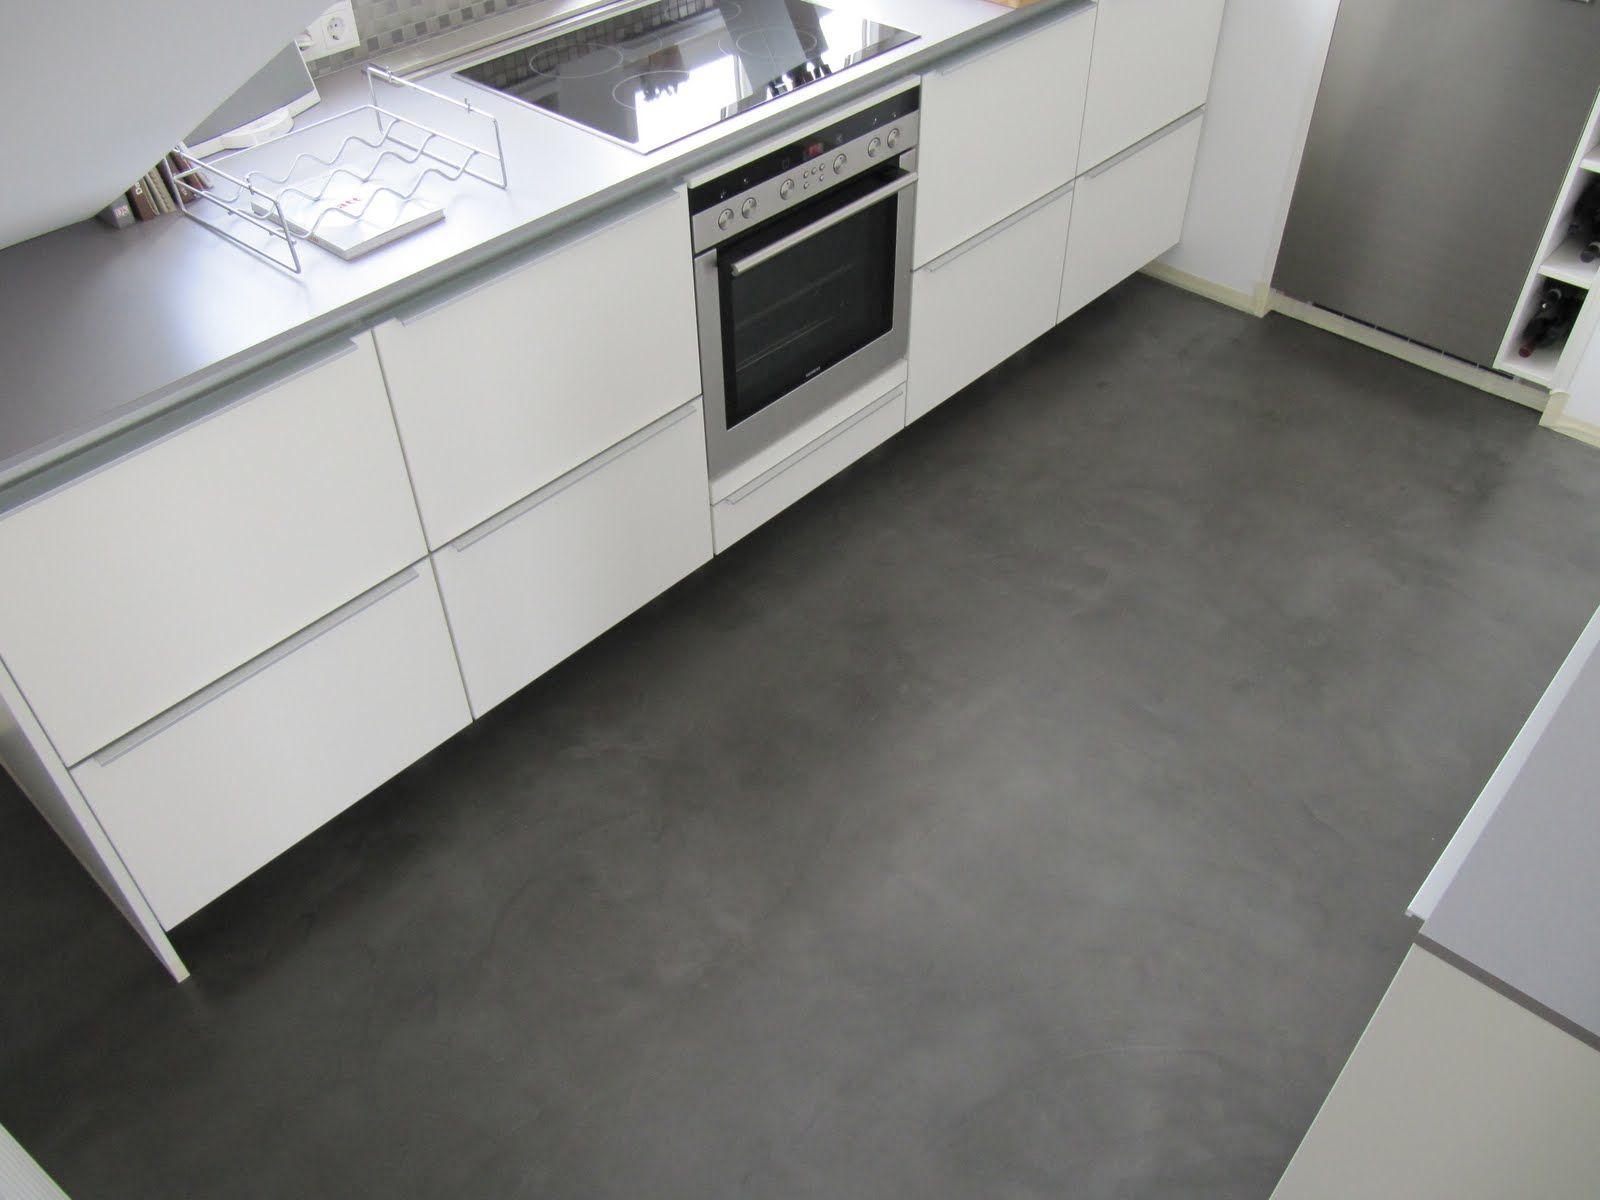 Beton Cire Bodenbeschichtung  Bodenbeschichtung, Betonboden küche